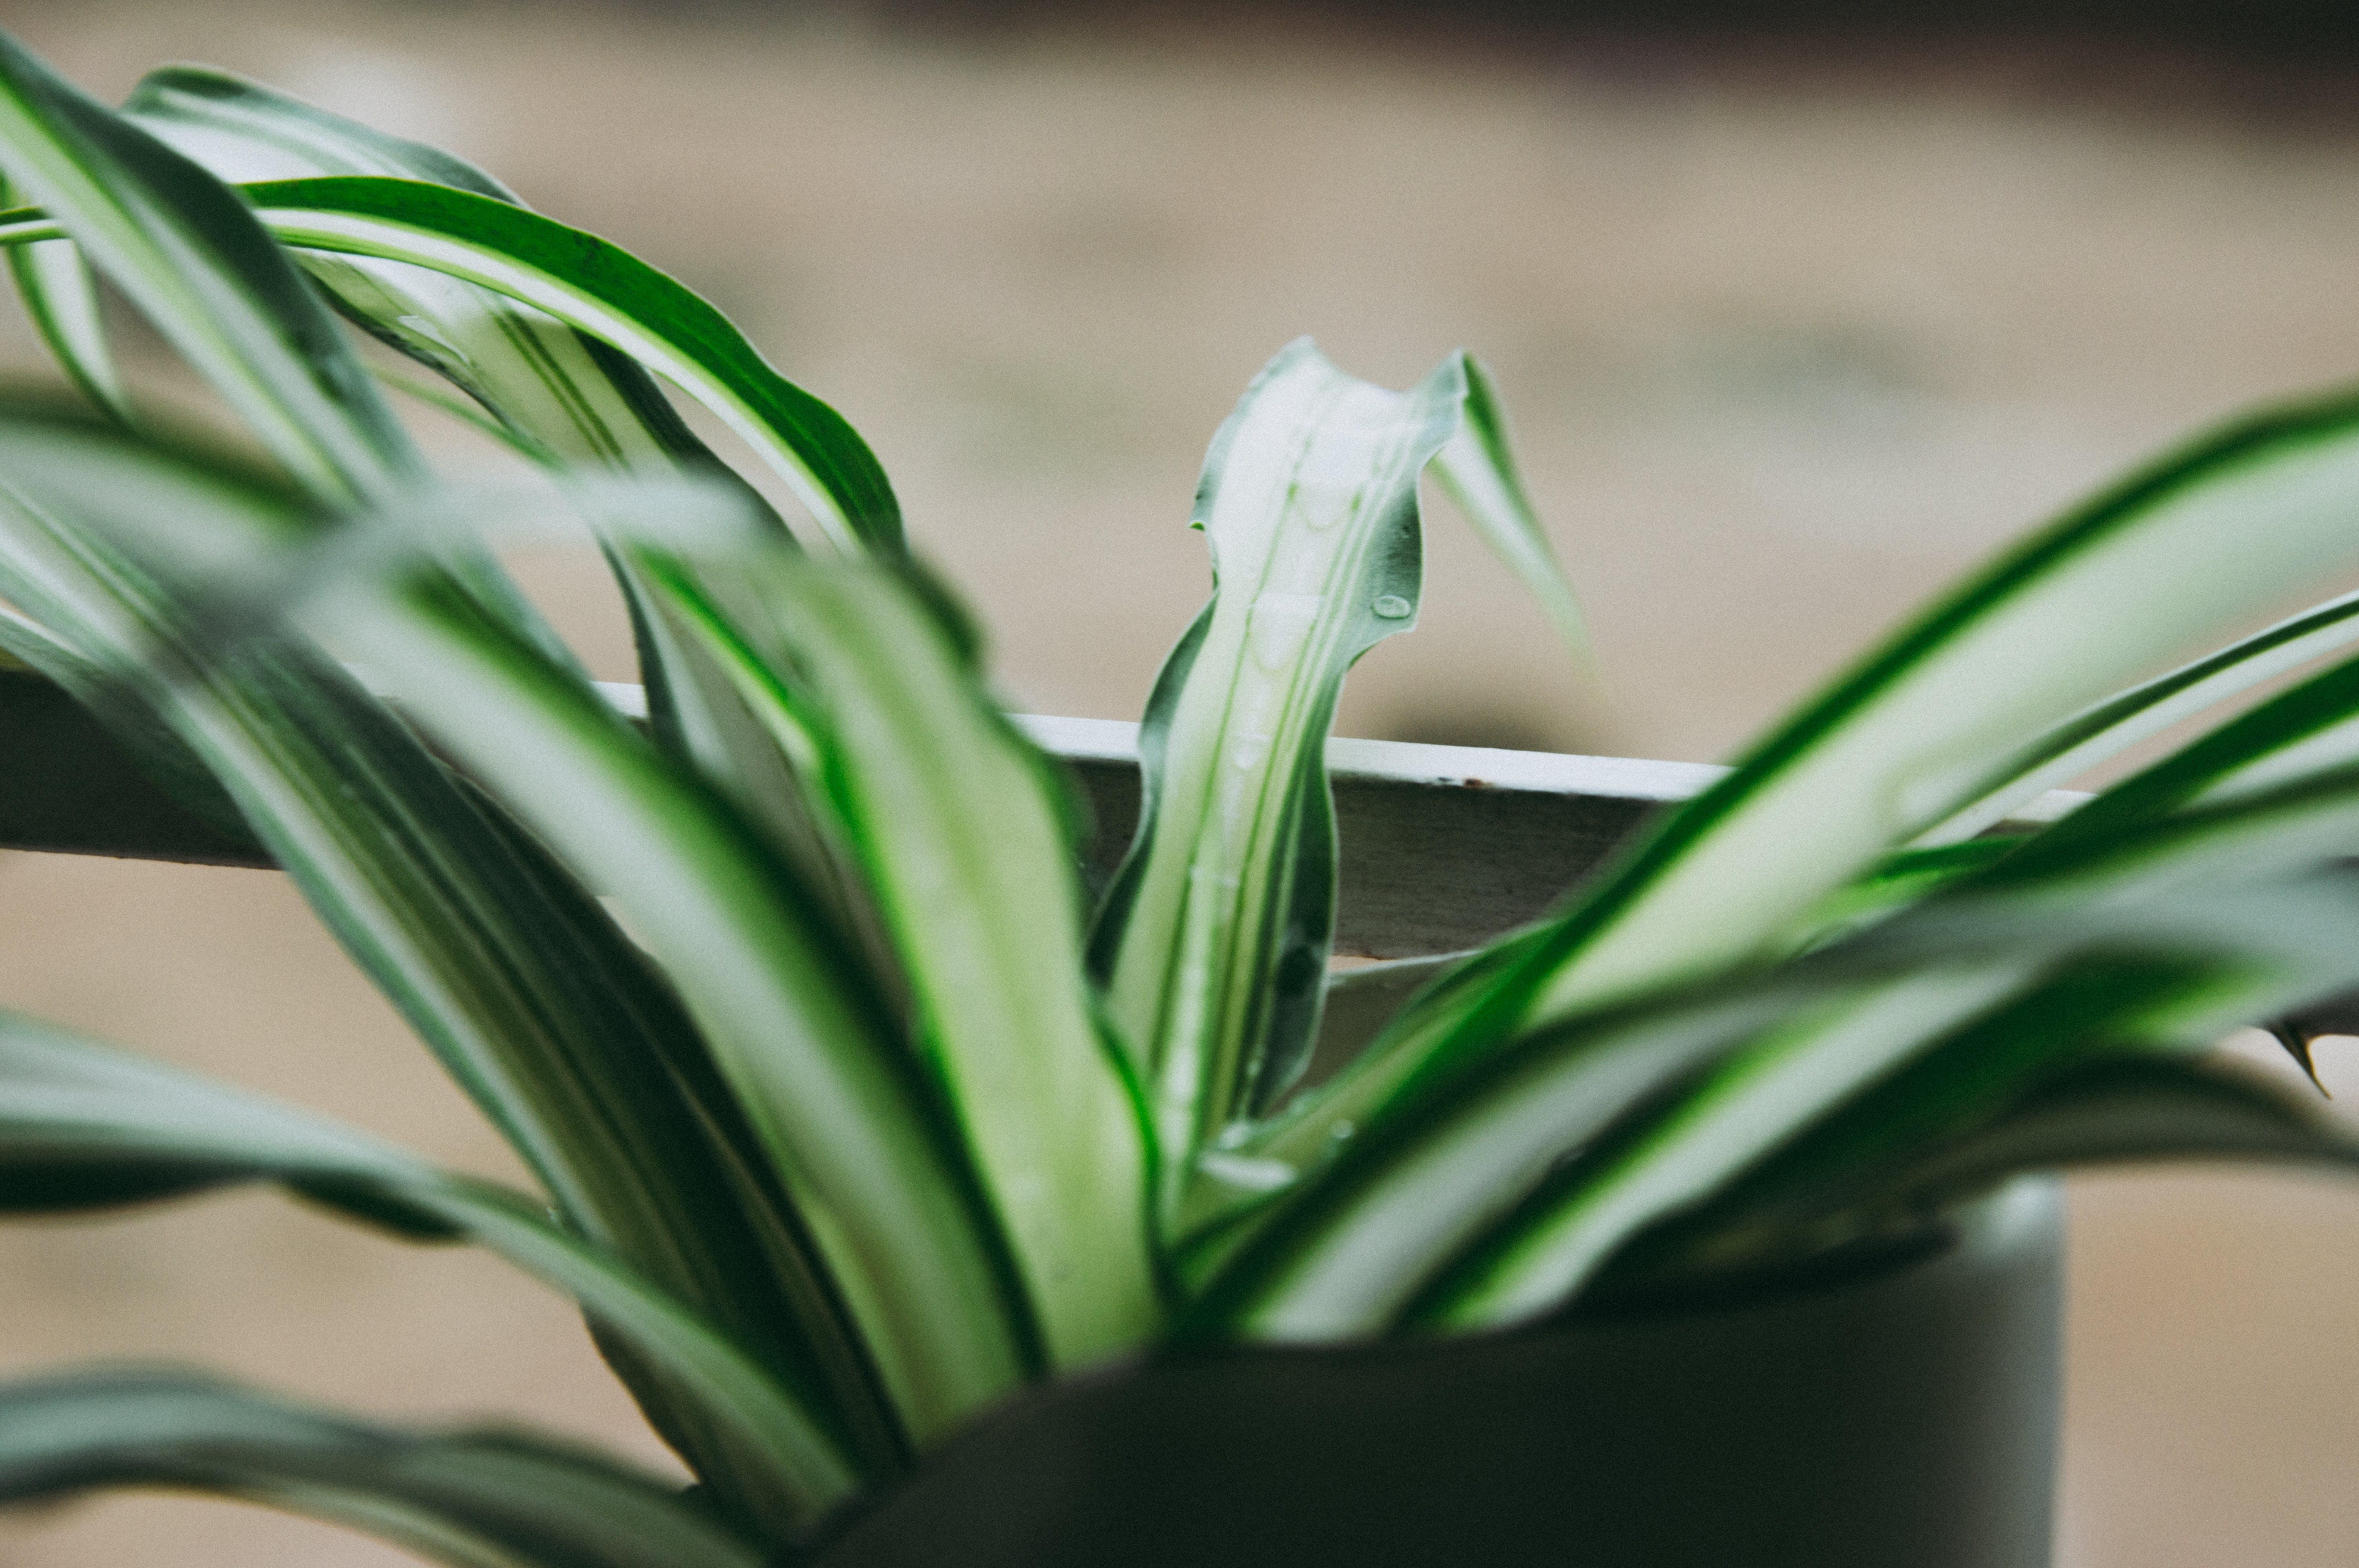 Gratis stockfoto met fabriek, gepotte plant, Groene plant, kamerplant